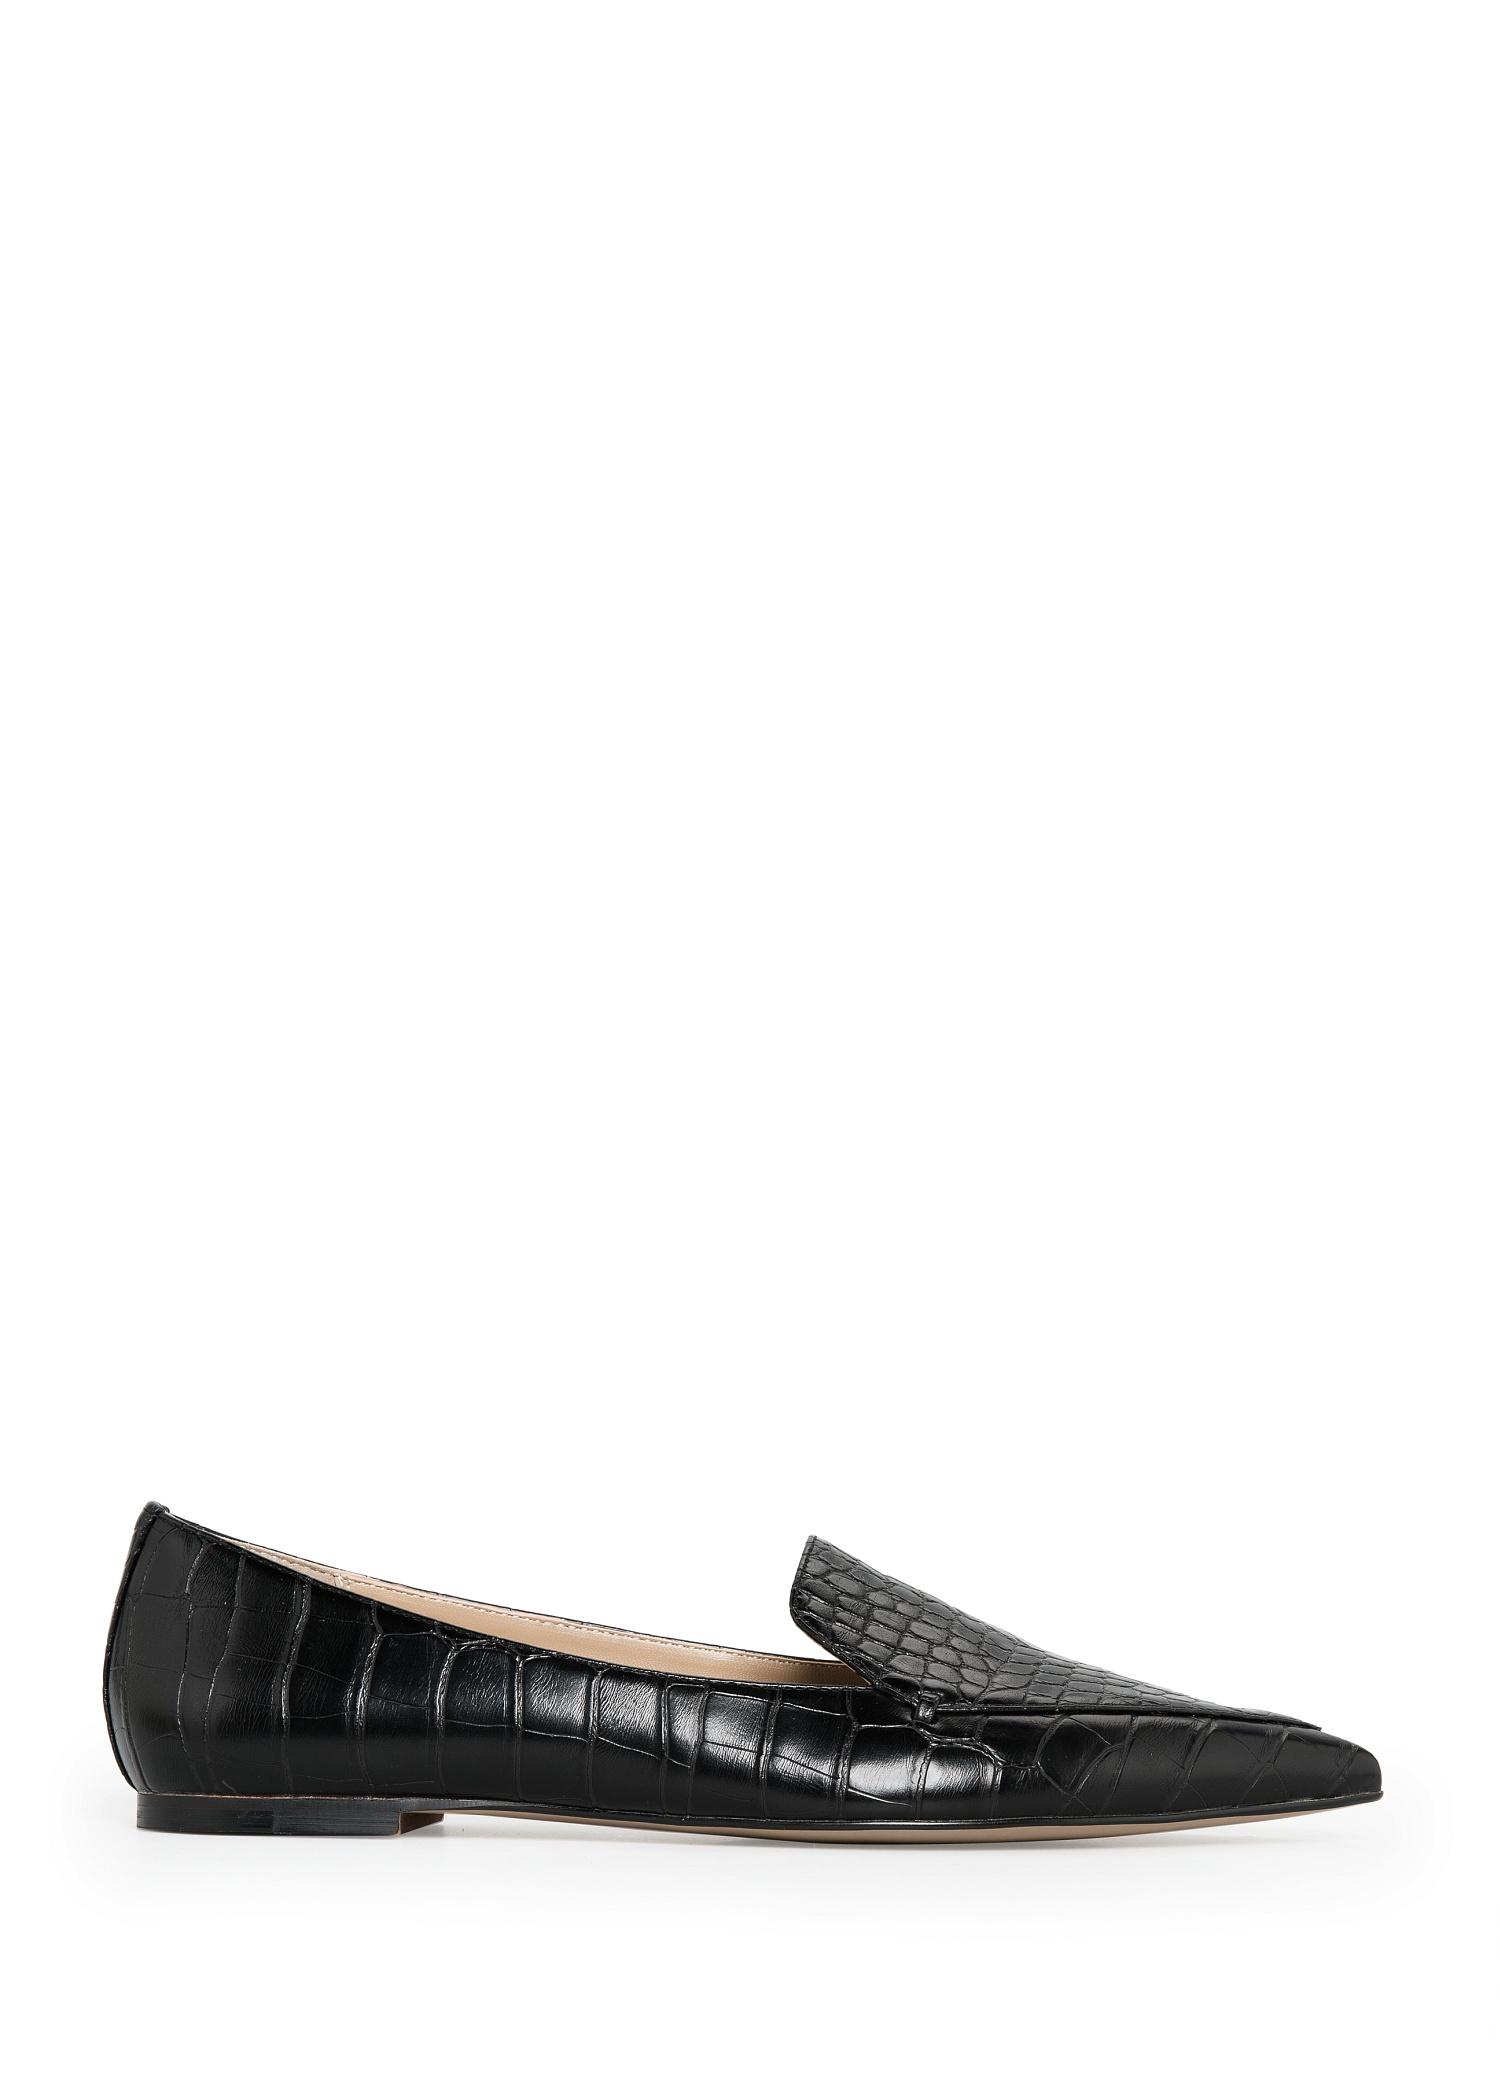 Puntslippers van krokodillenleer - Schoenen voor Dames   MANGO